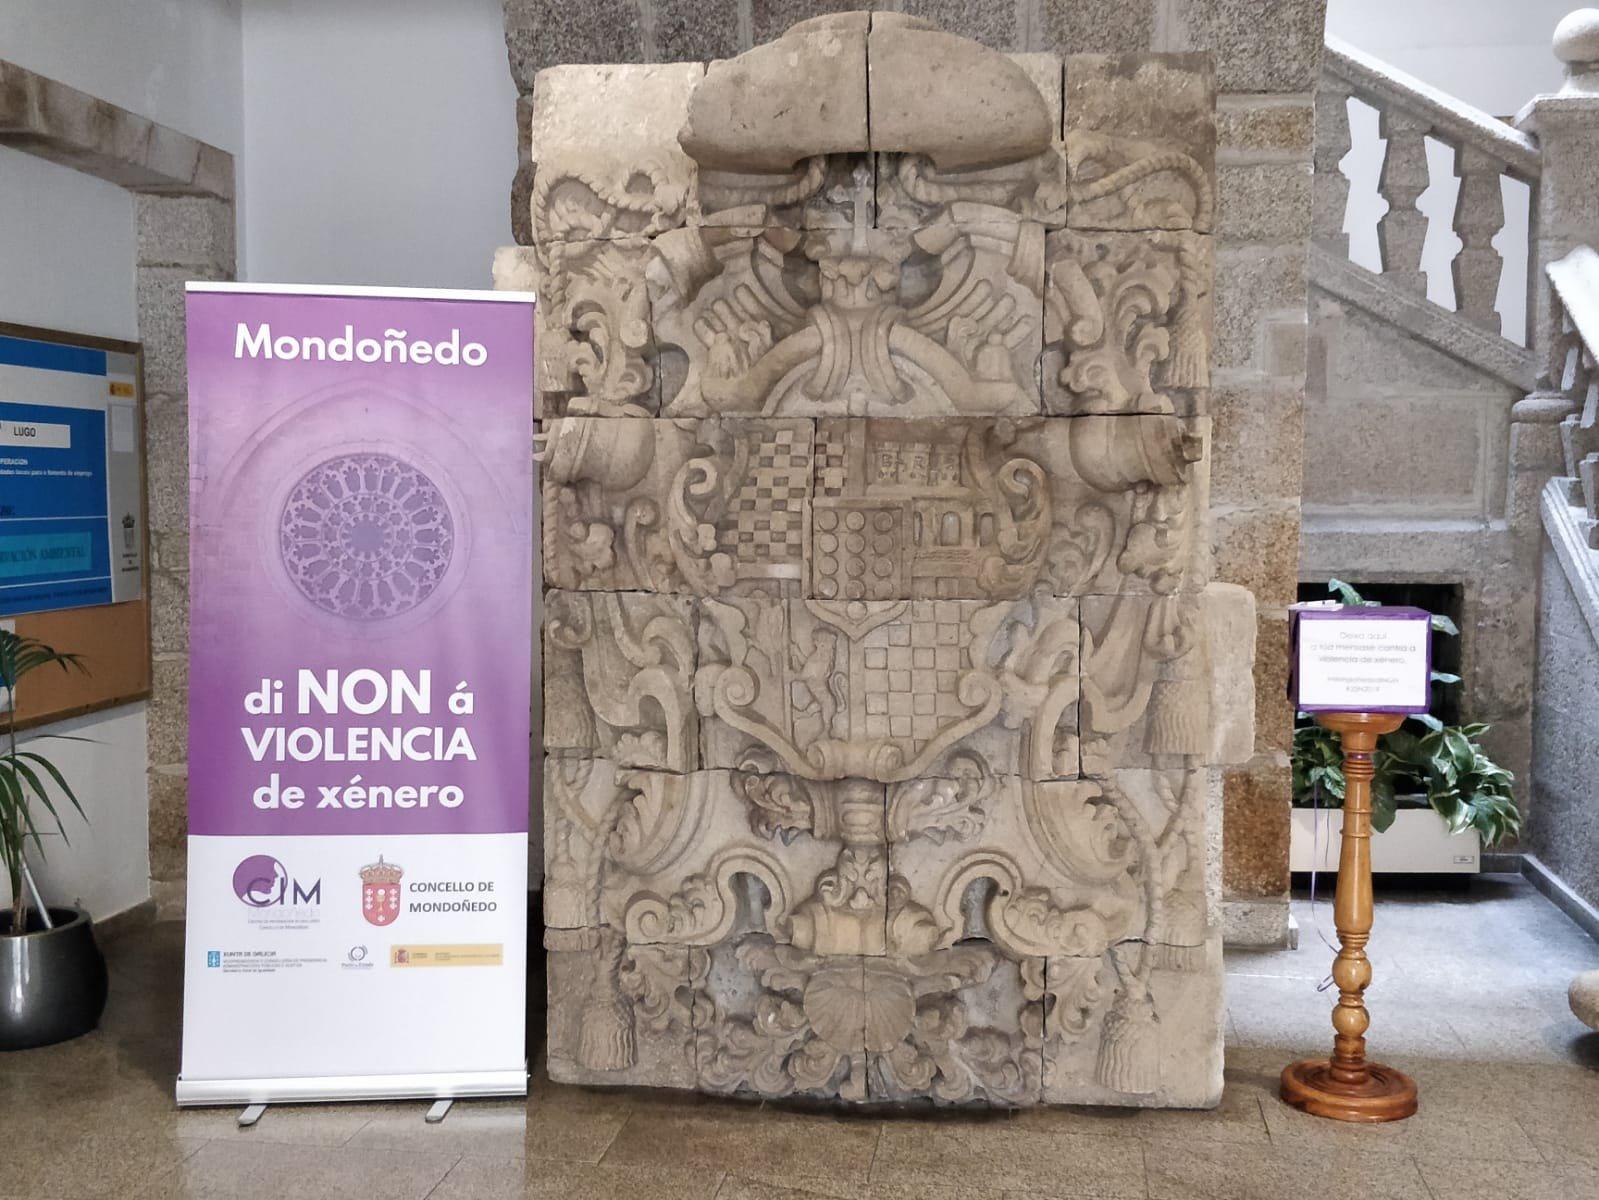 Mondoñedo dice No a la Violencia de Género